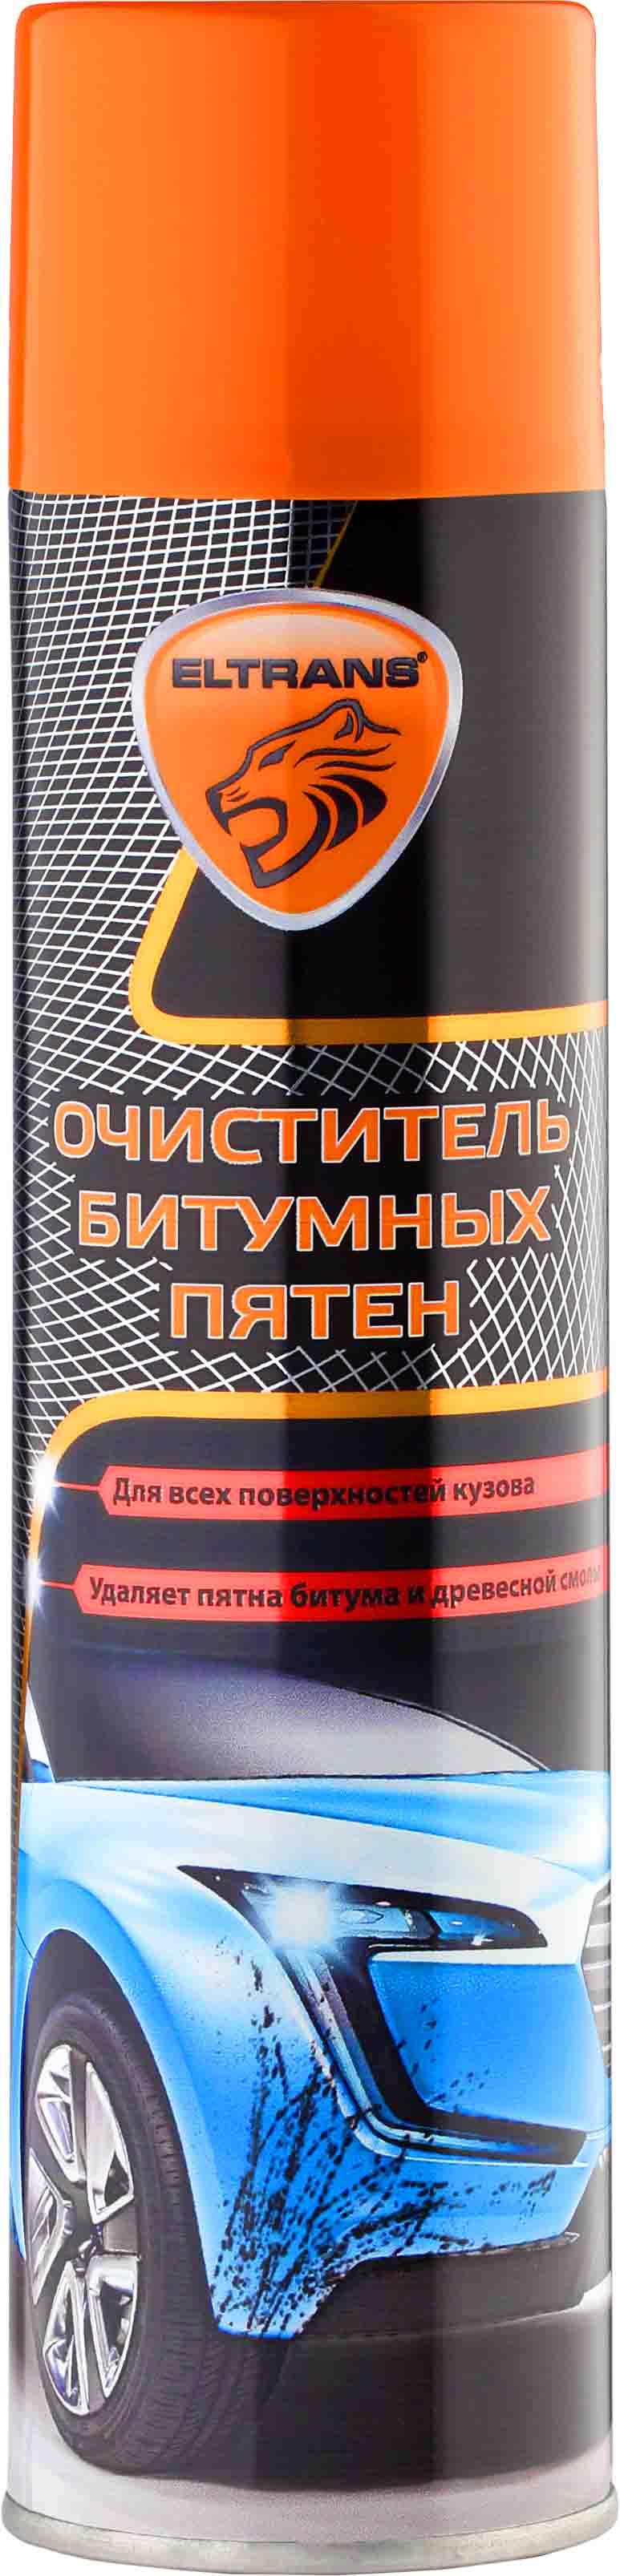 EL-0301.03 Очиститель битумных пятен 400 мл. (аэрозоль)  ELTRANS